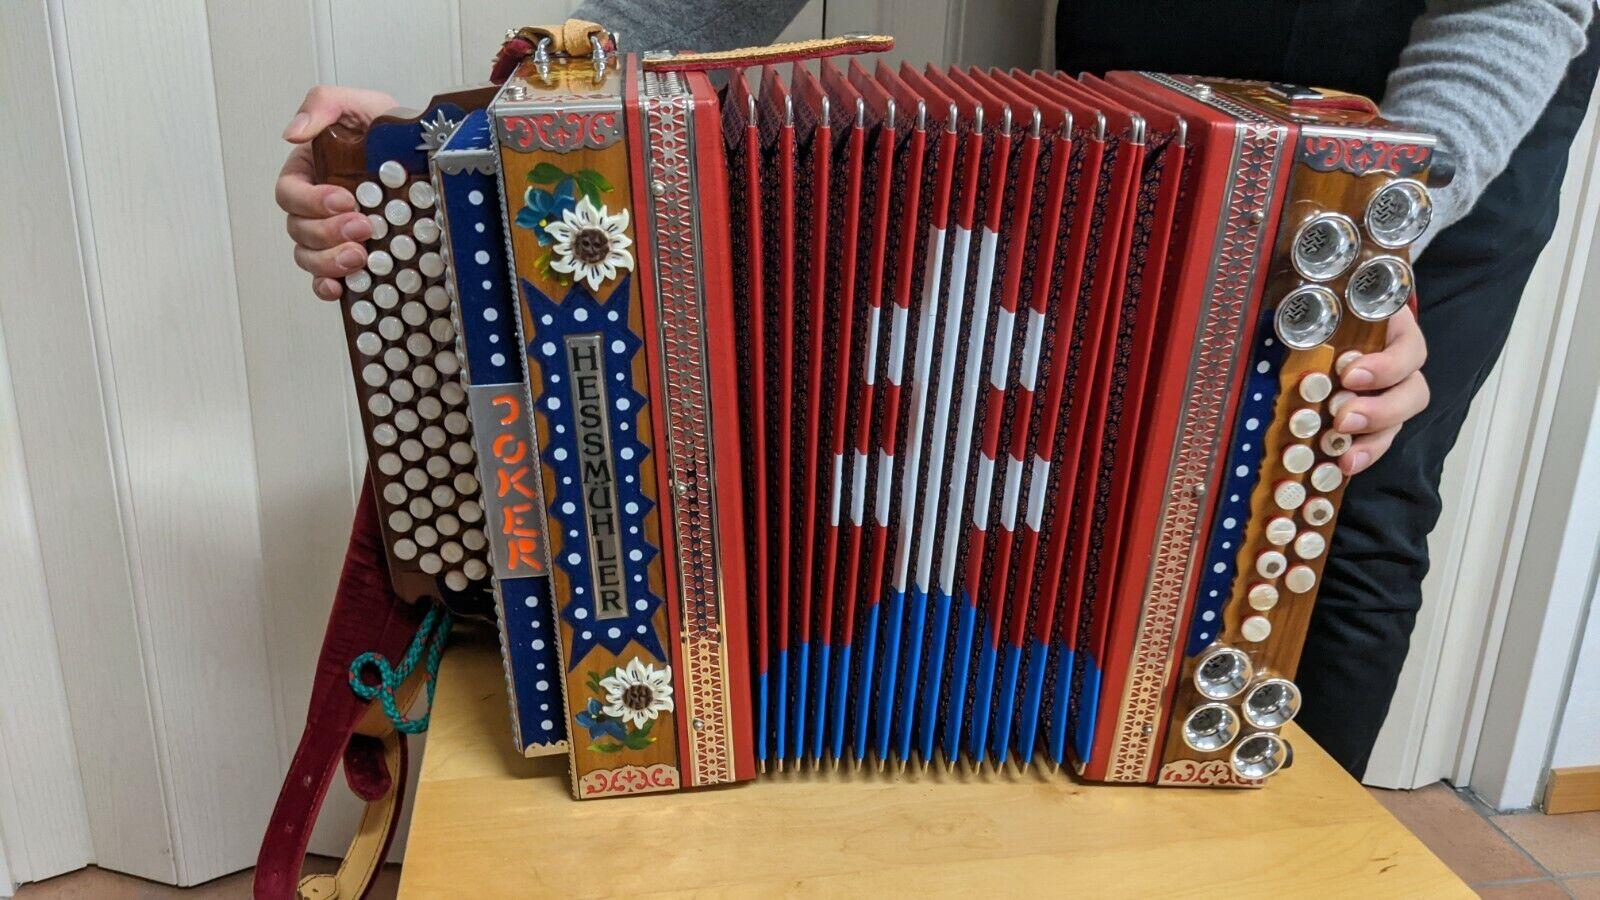 Hessmühler Steirische Harmonika Töne chromatisch Bässe helikon 3-chörig 5 reihig